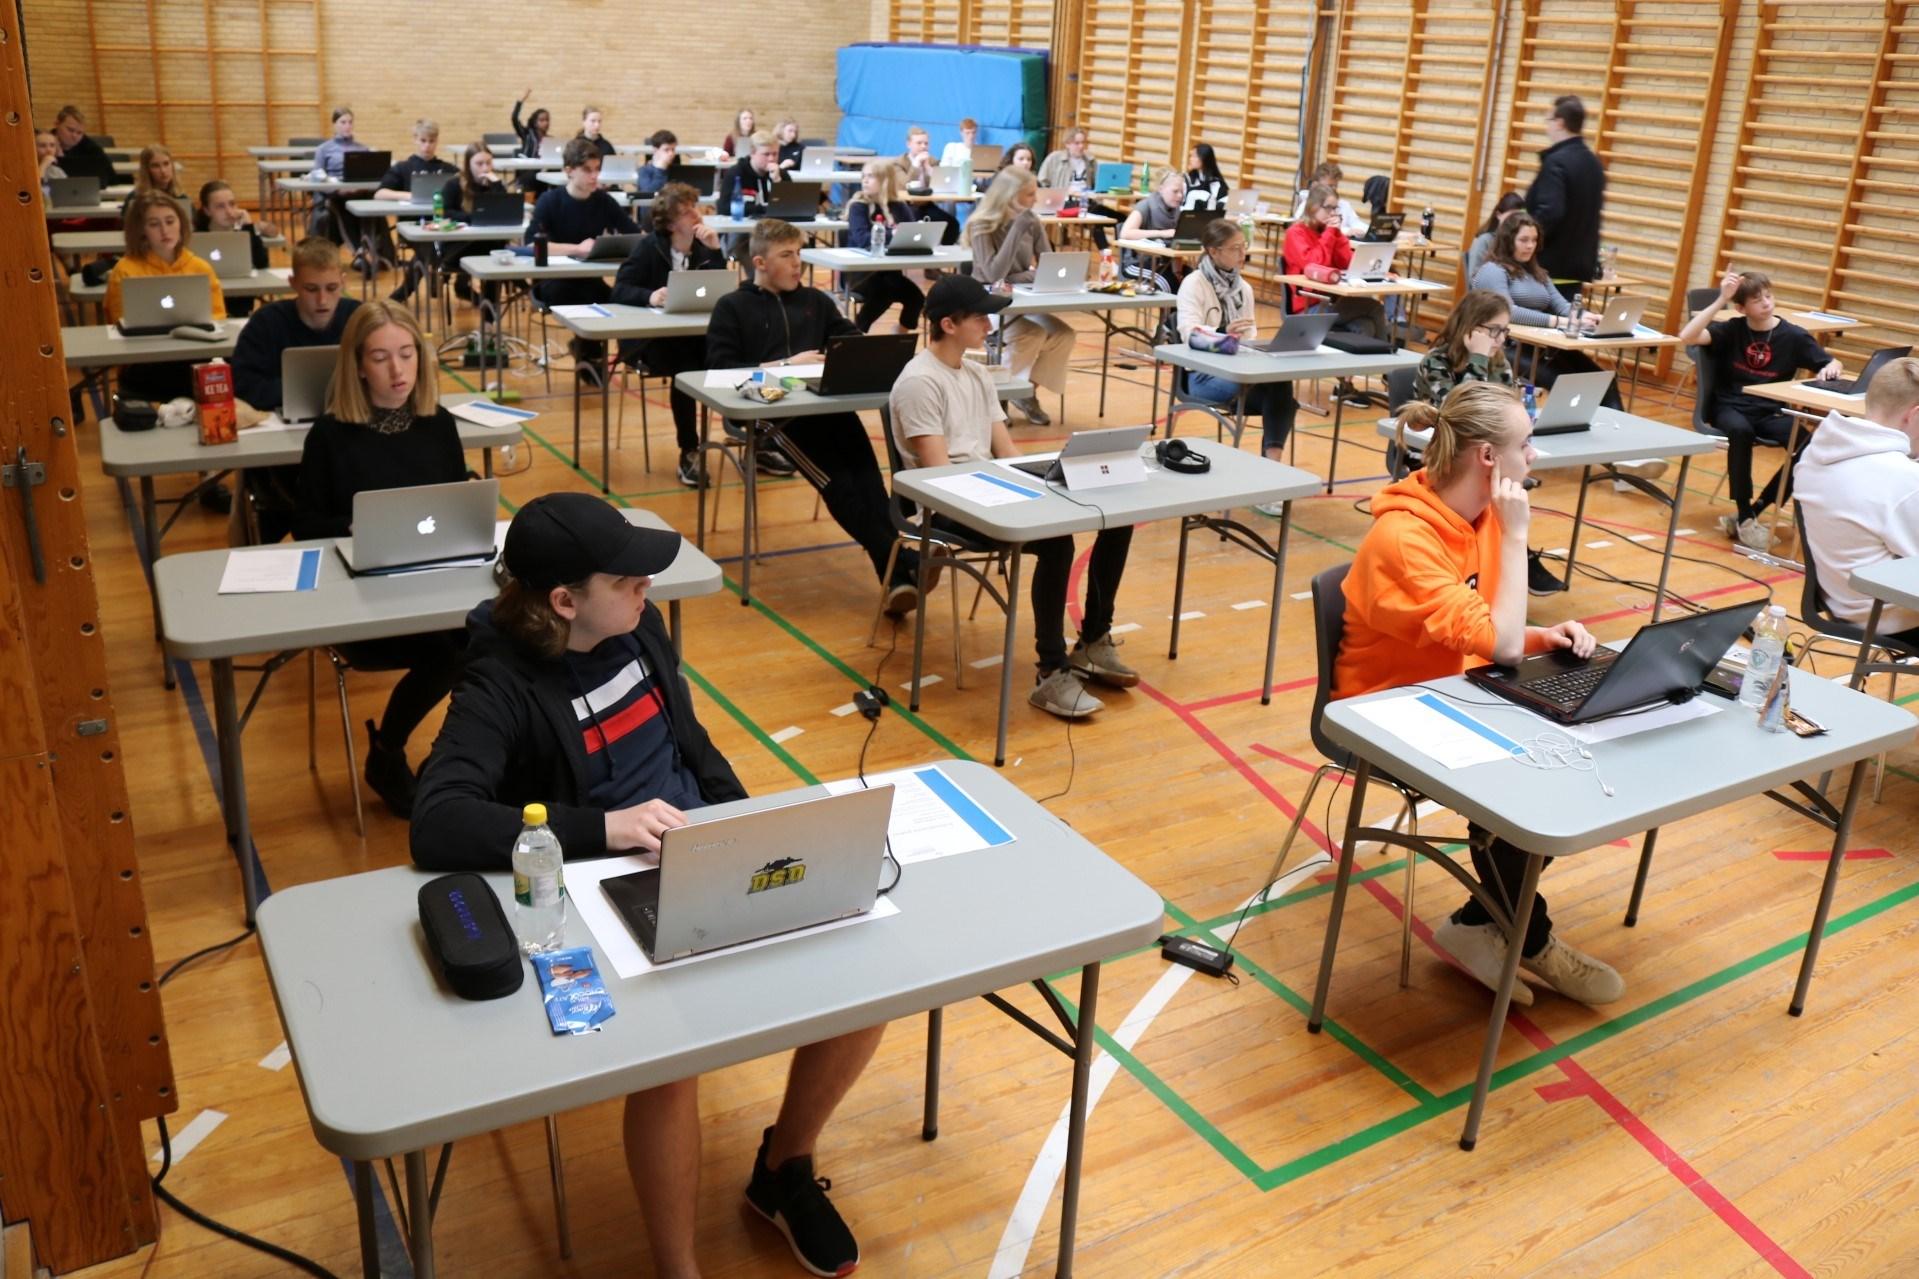 dansk a eksamen